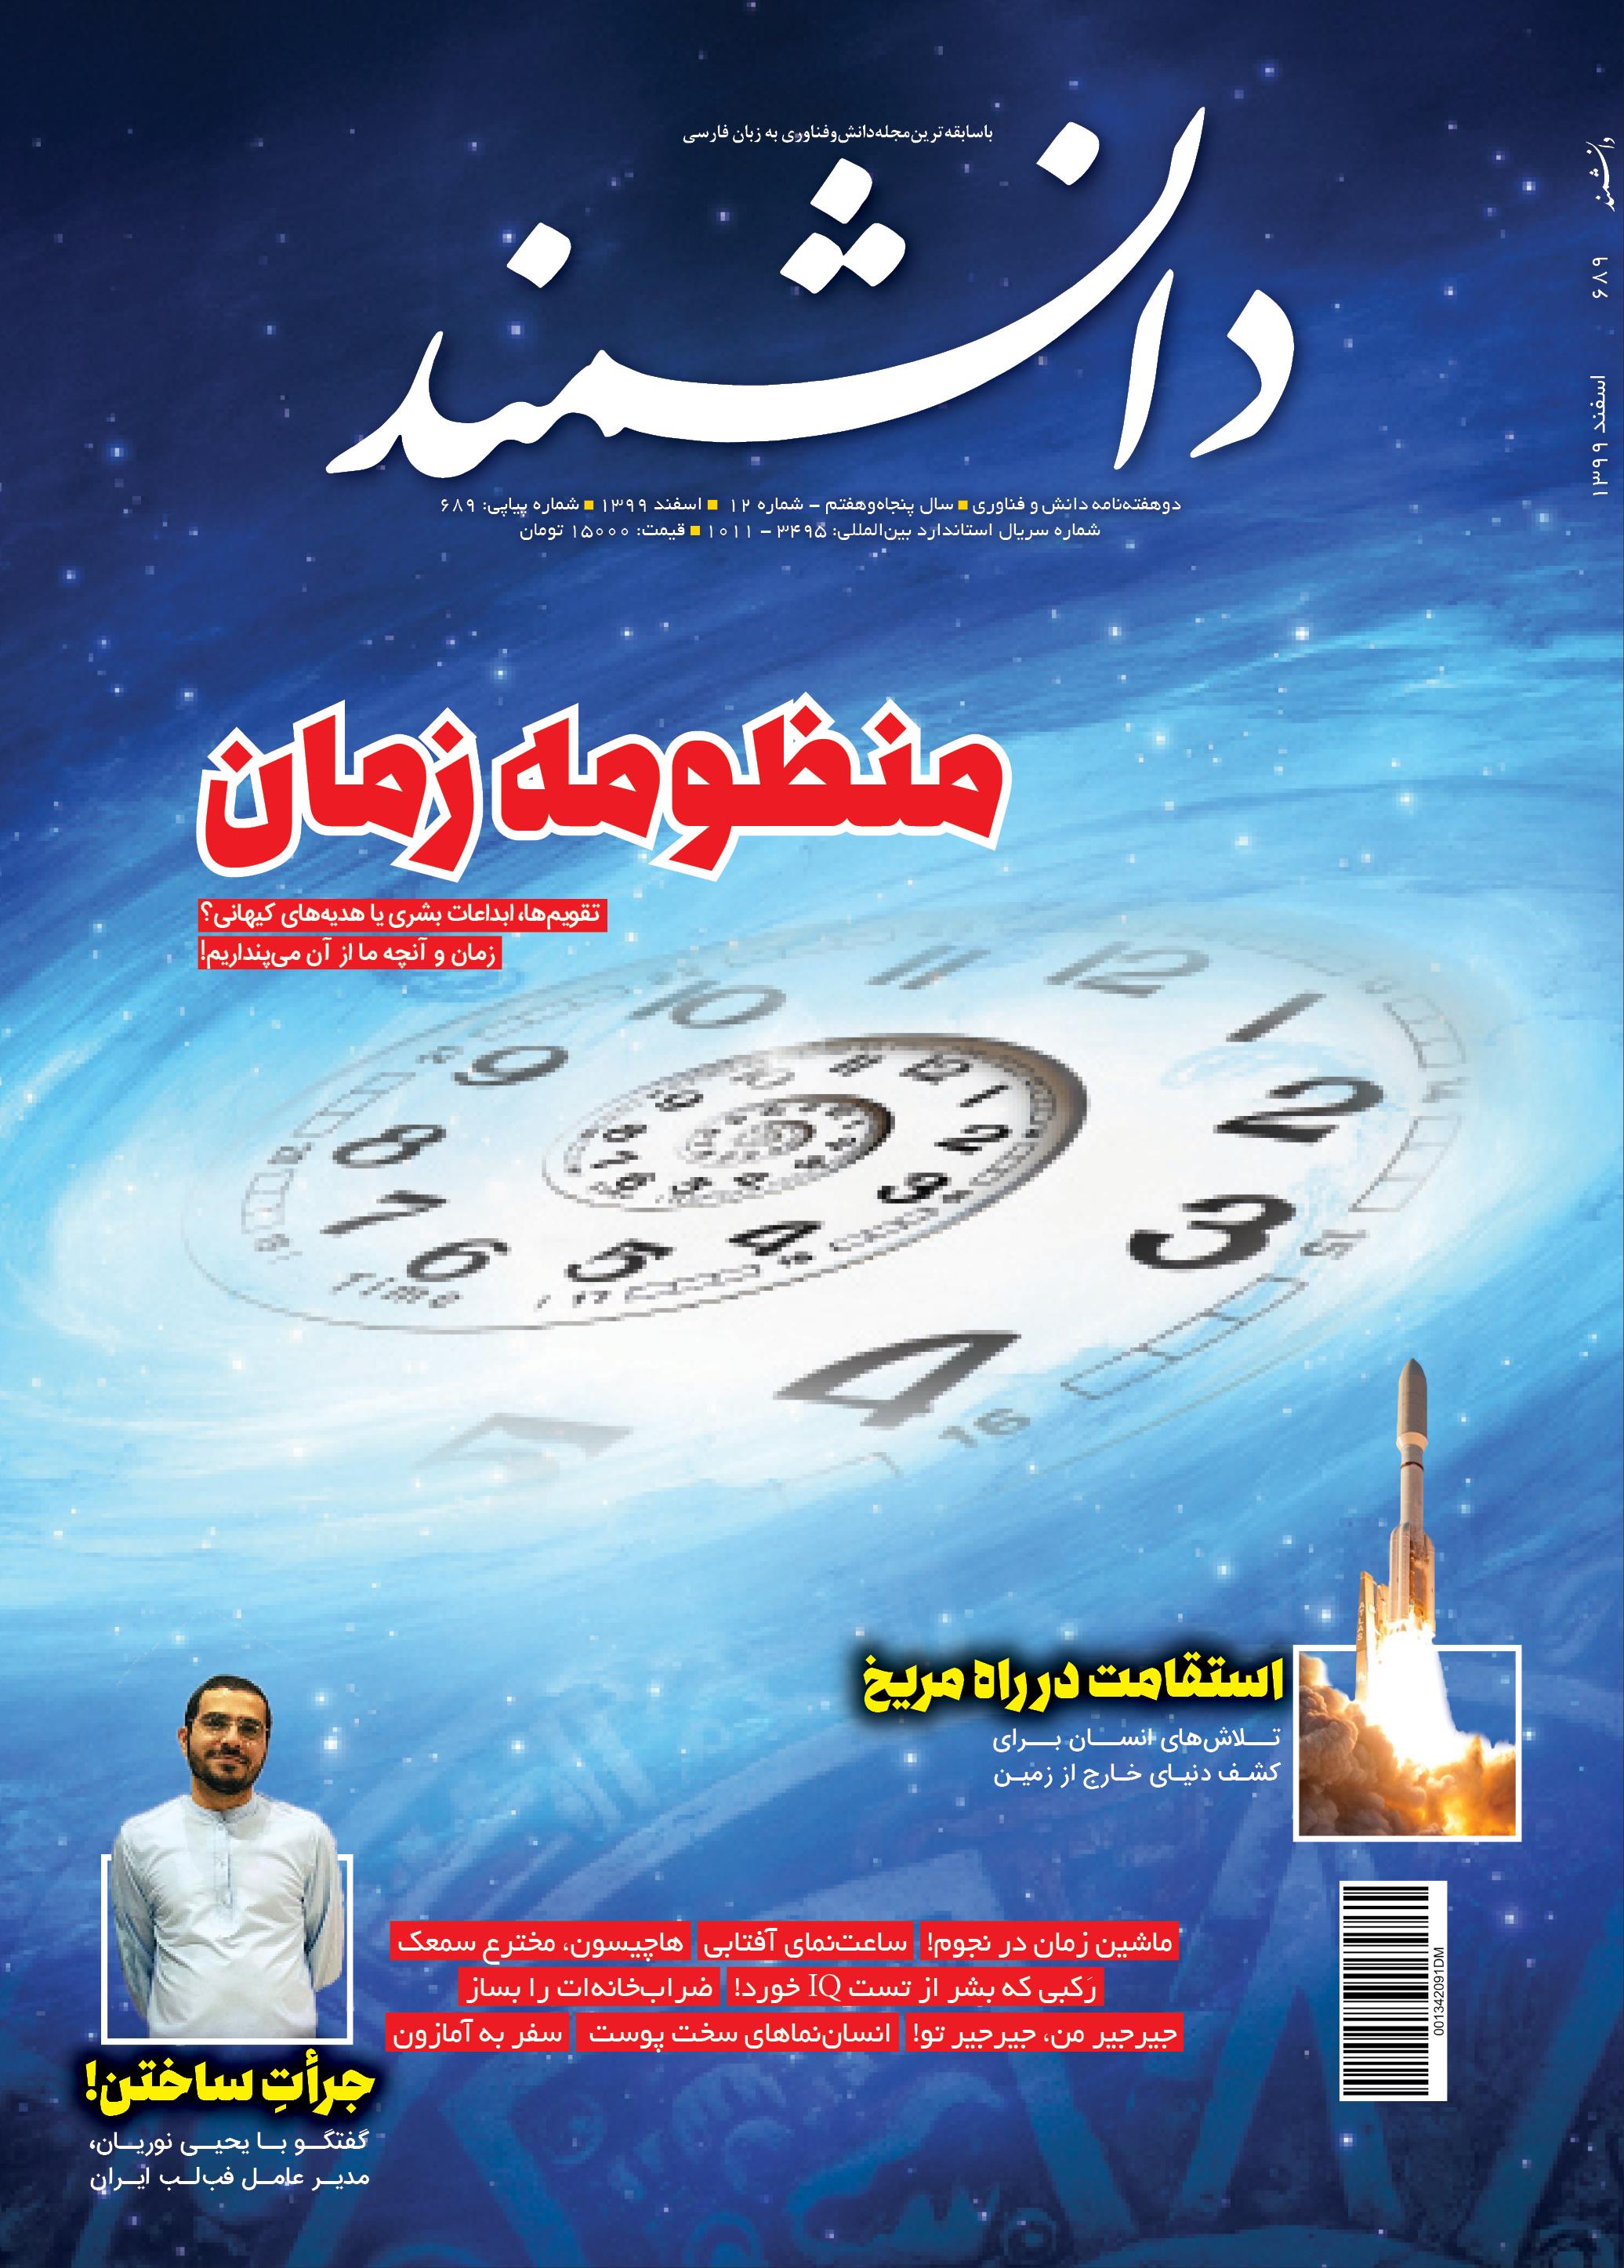 منظومه زمان ؛ شماره اسفند ماه 1399 مجله دانشمند منتشر شد